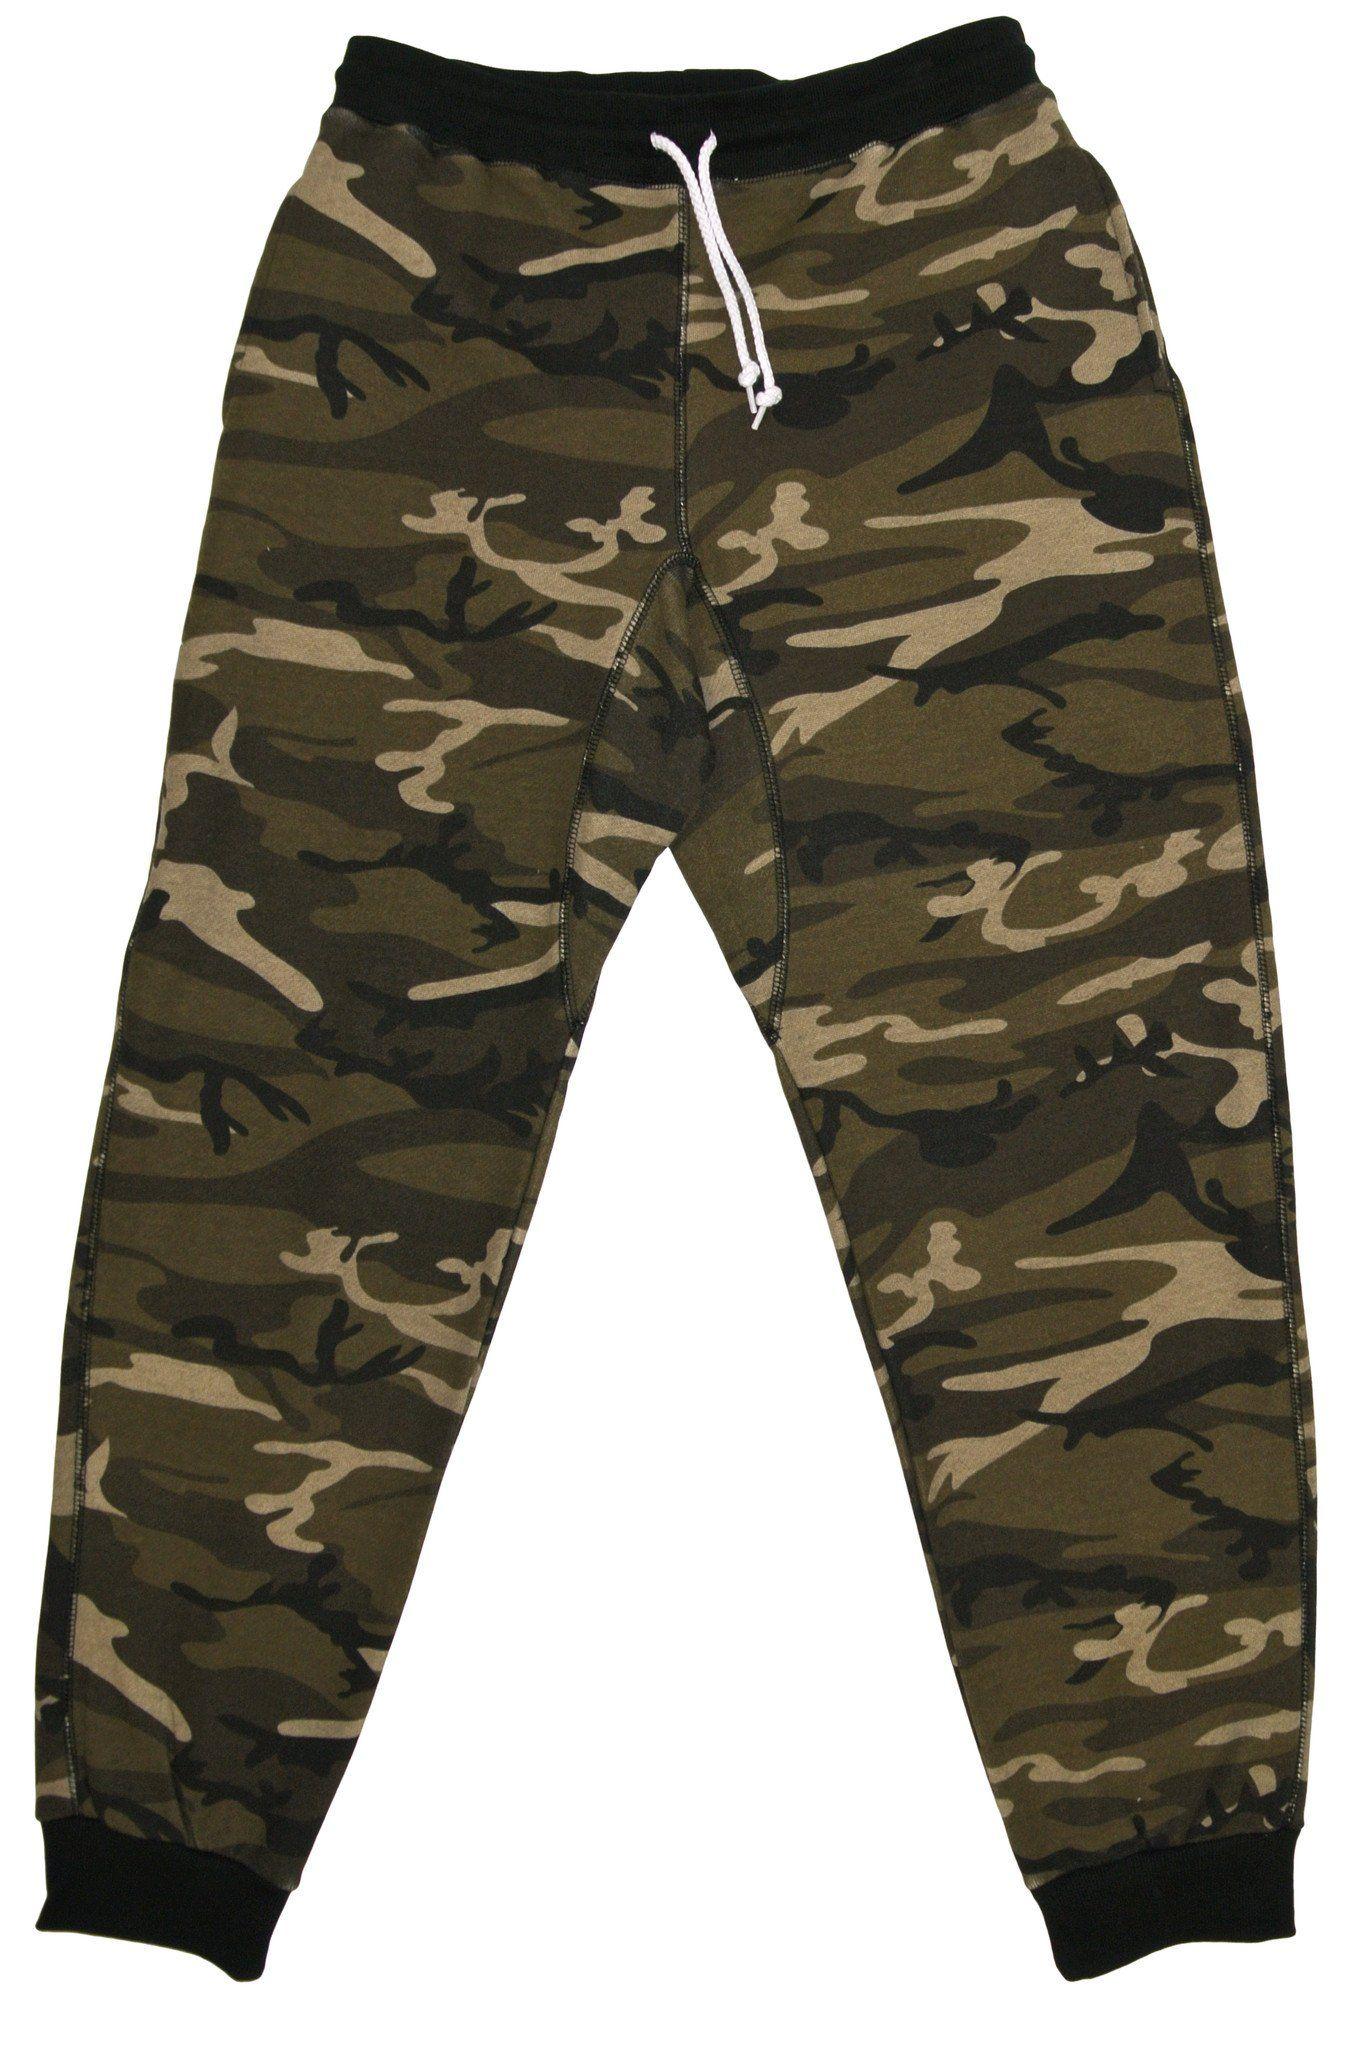 effd2342807c3 French Terry Fleece Pants Sweatpants Joggers Camo Camoflauge Military